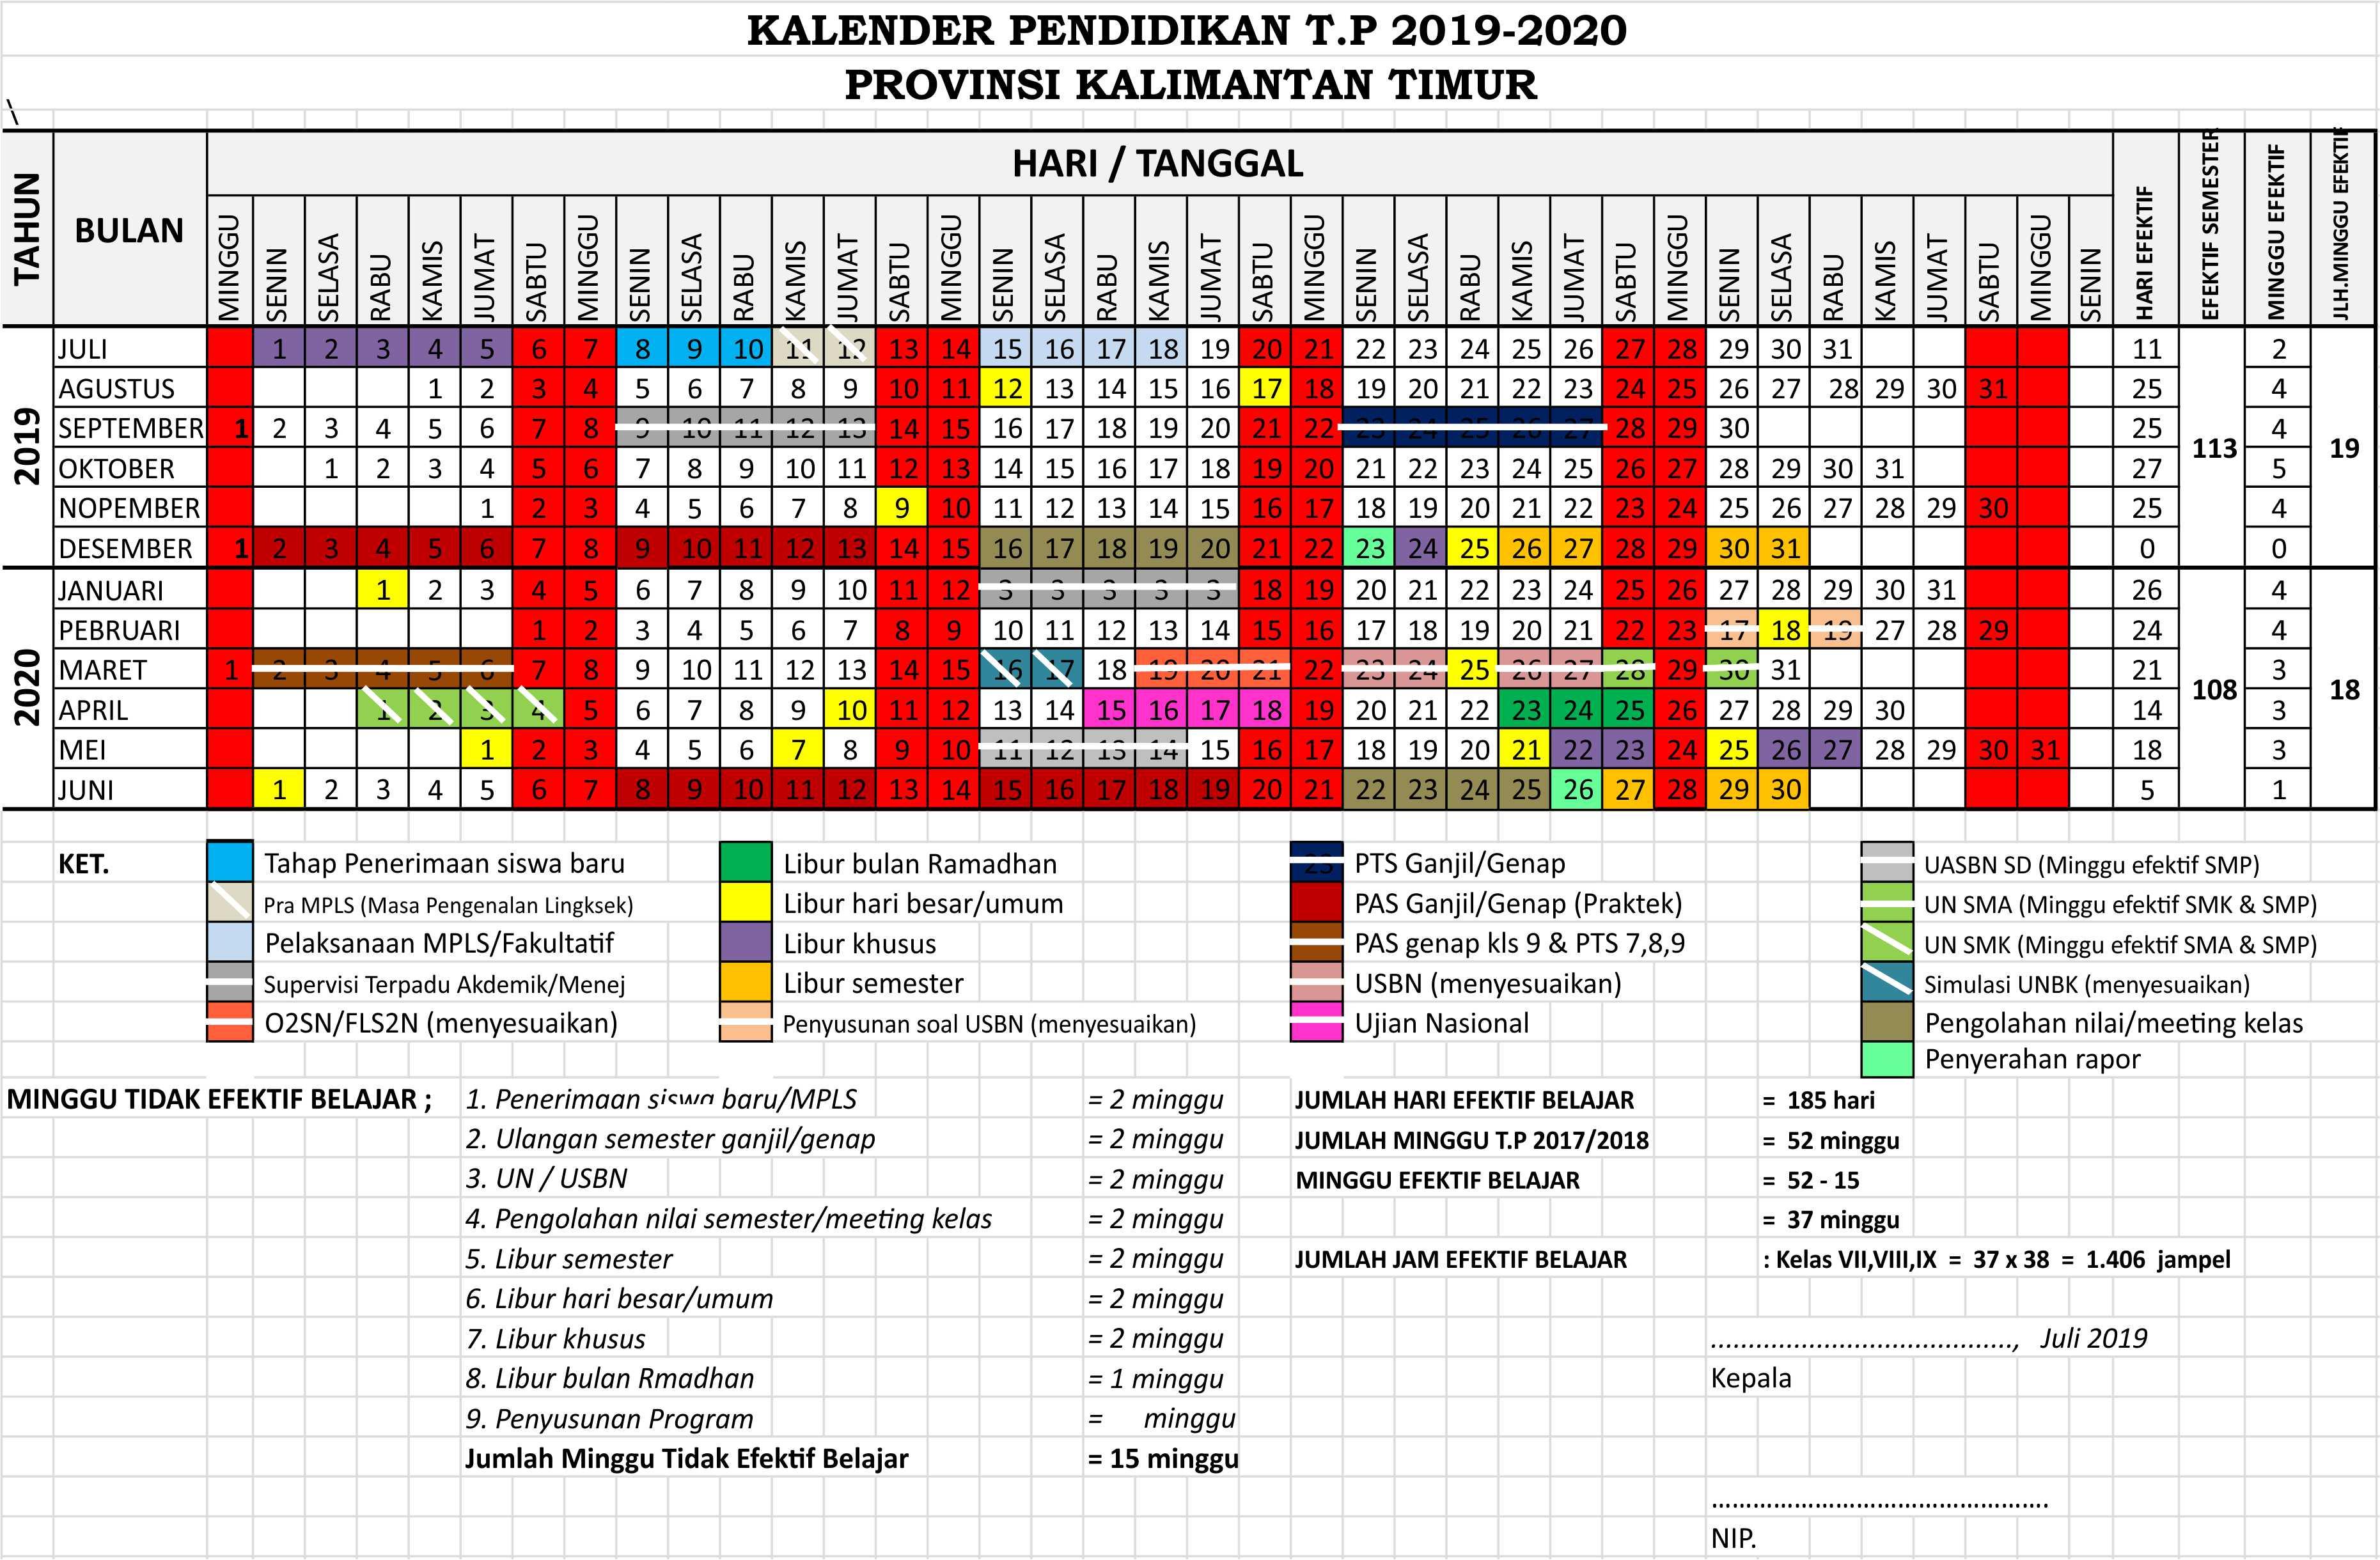 kalender pendidikan 2019 - 2020 kalimantan timur